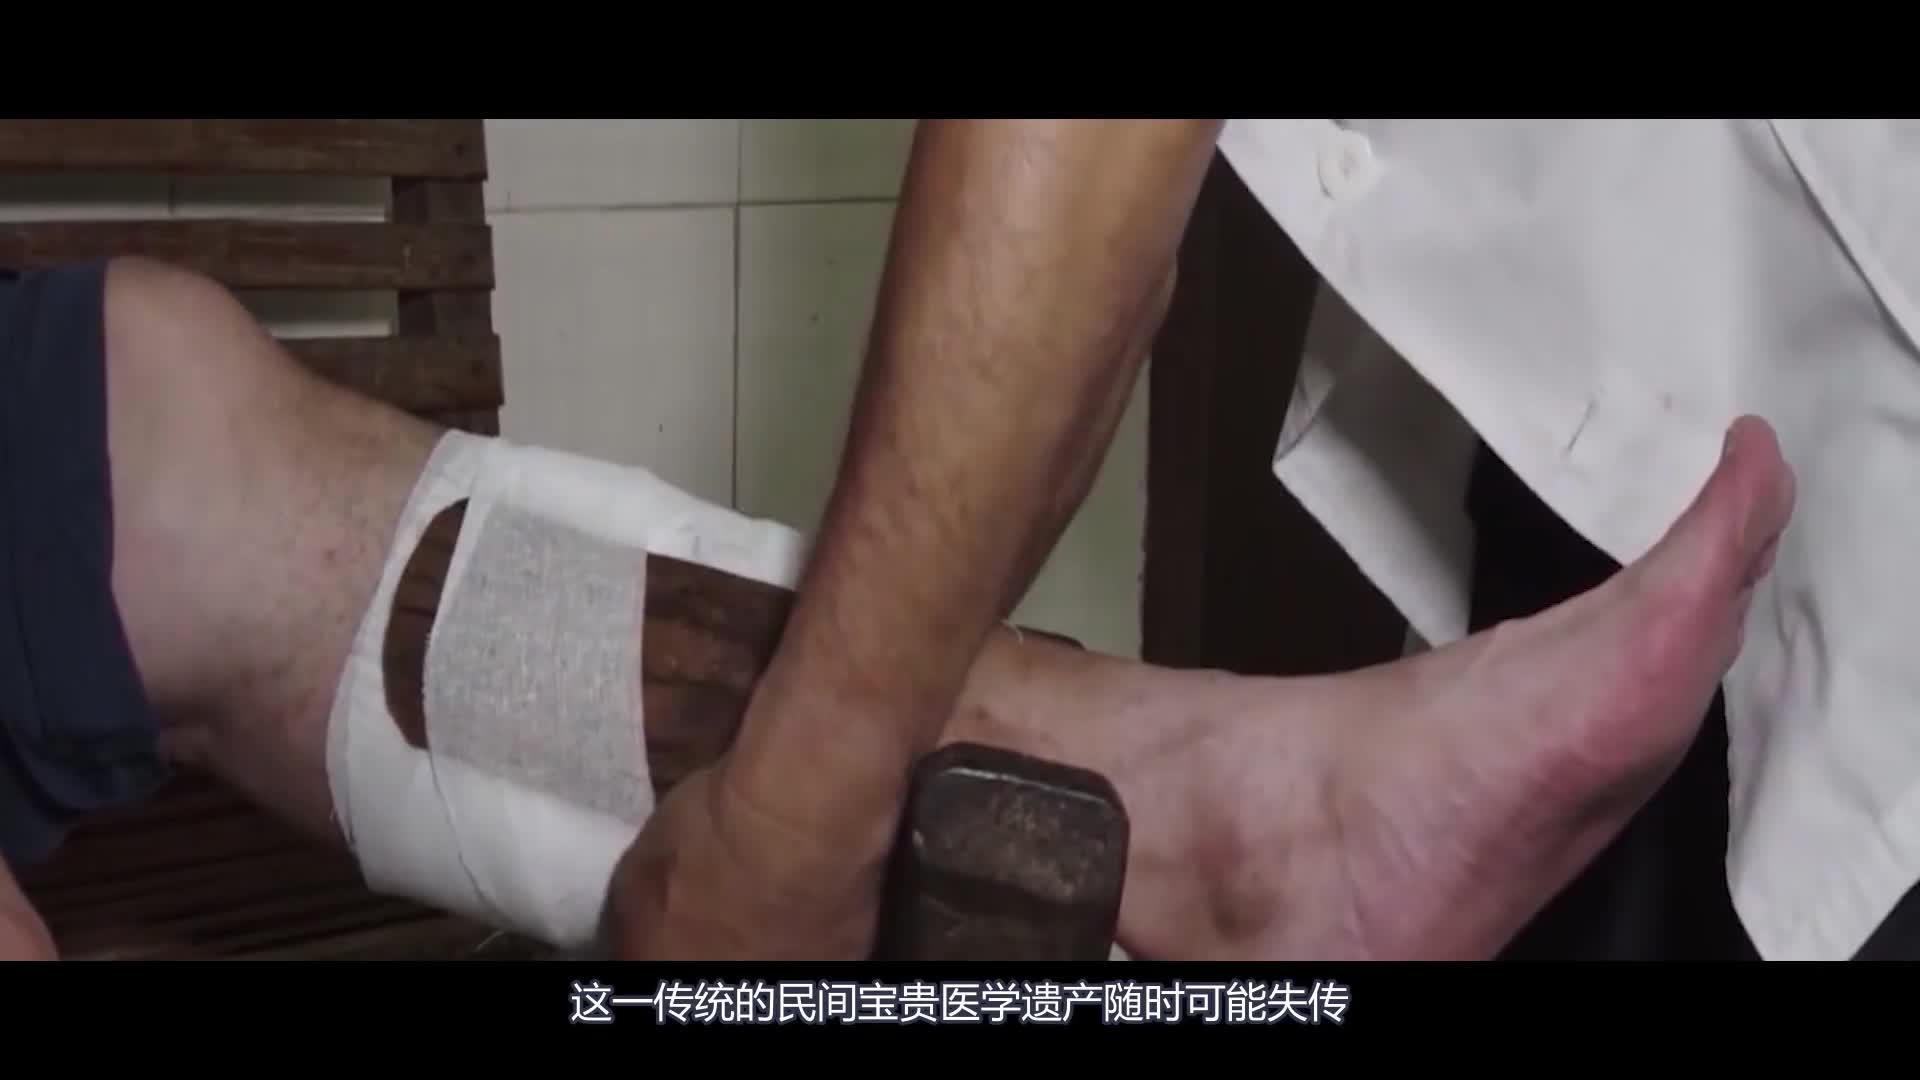 短视频《非遗文化·匠心传承》——霍氏通络祛痛液